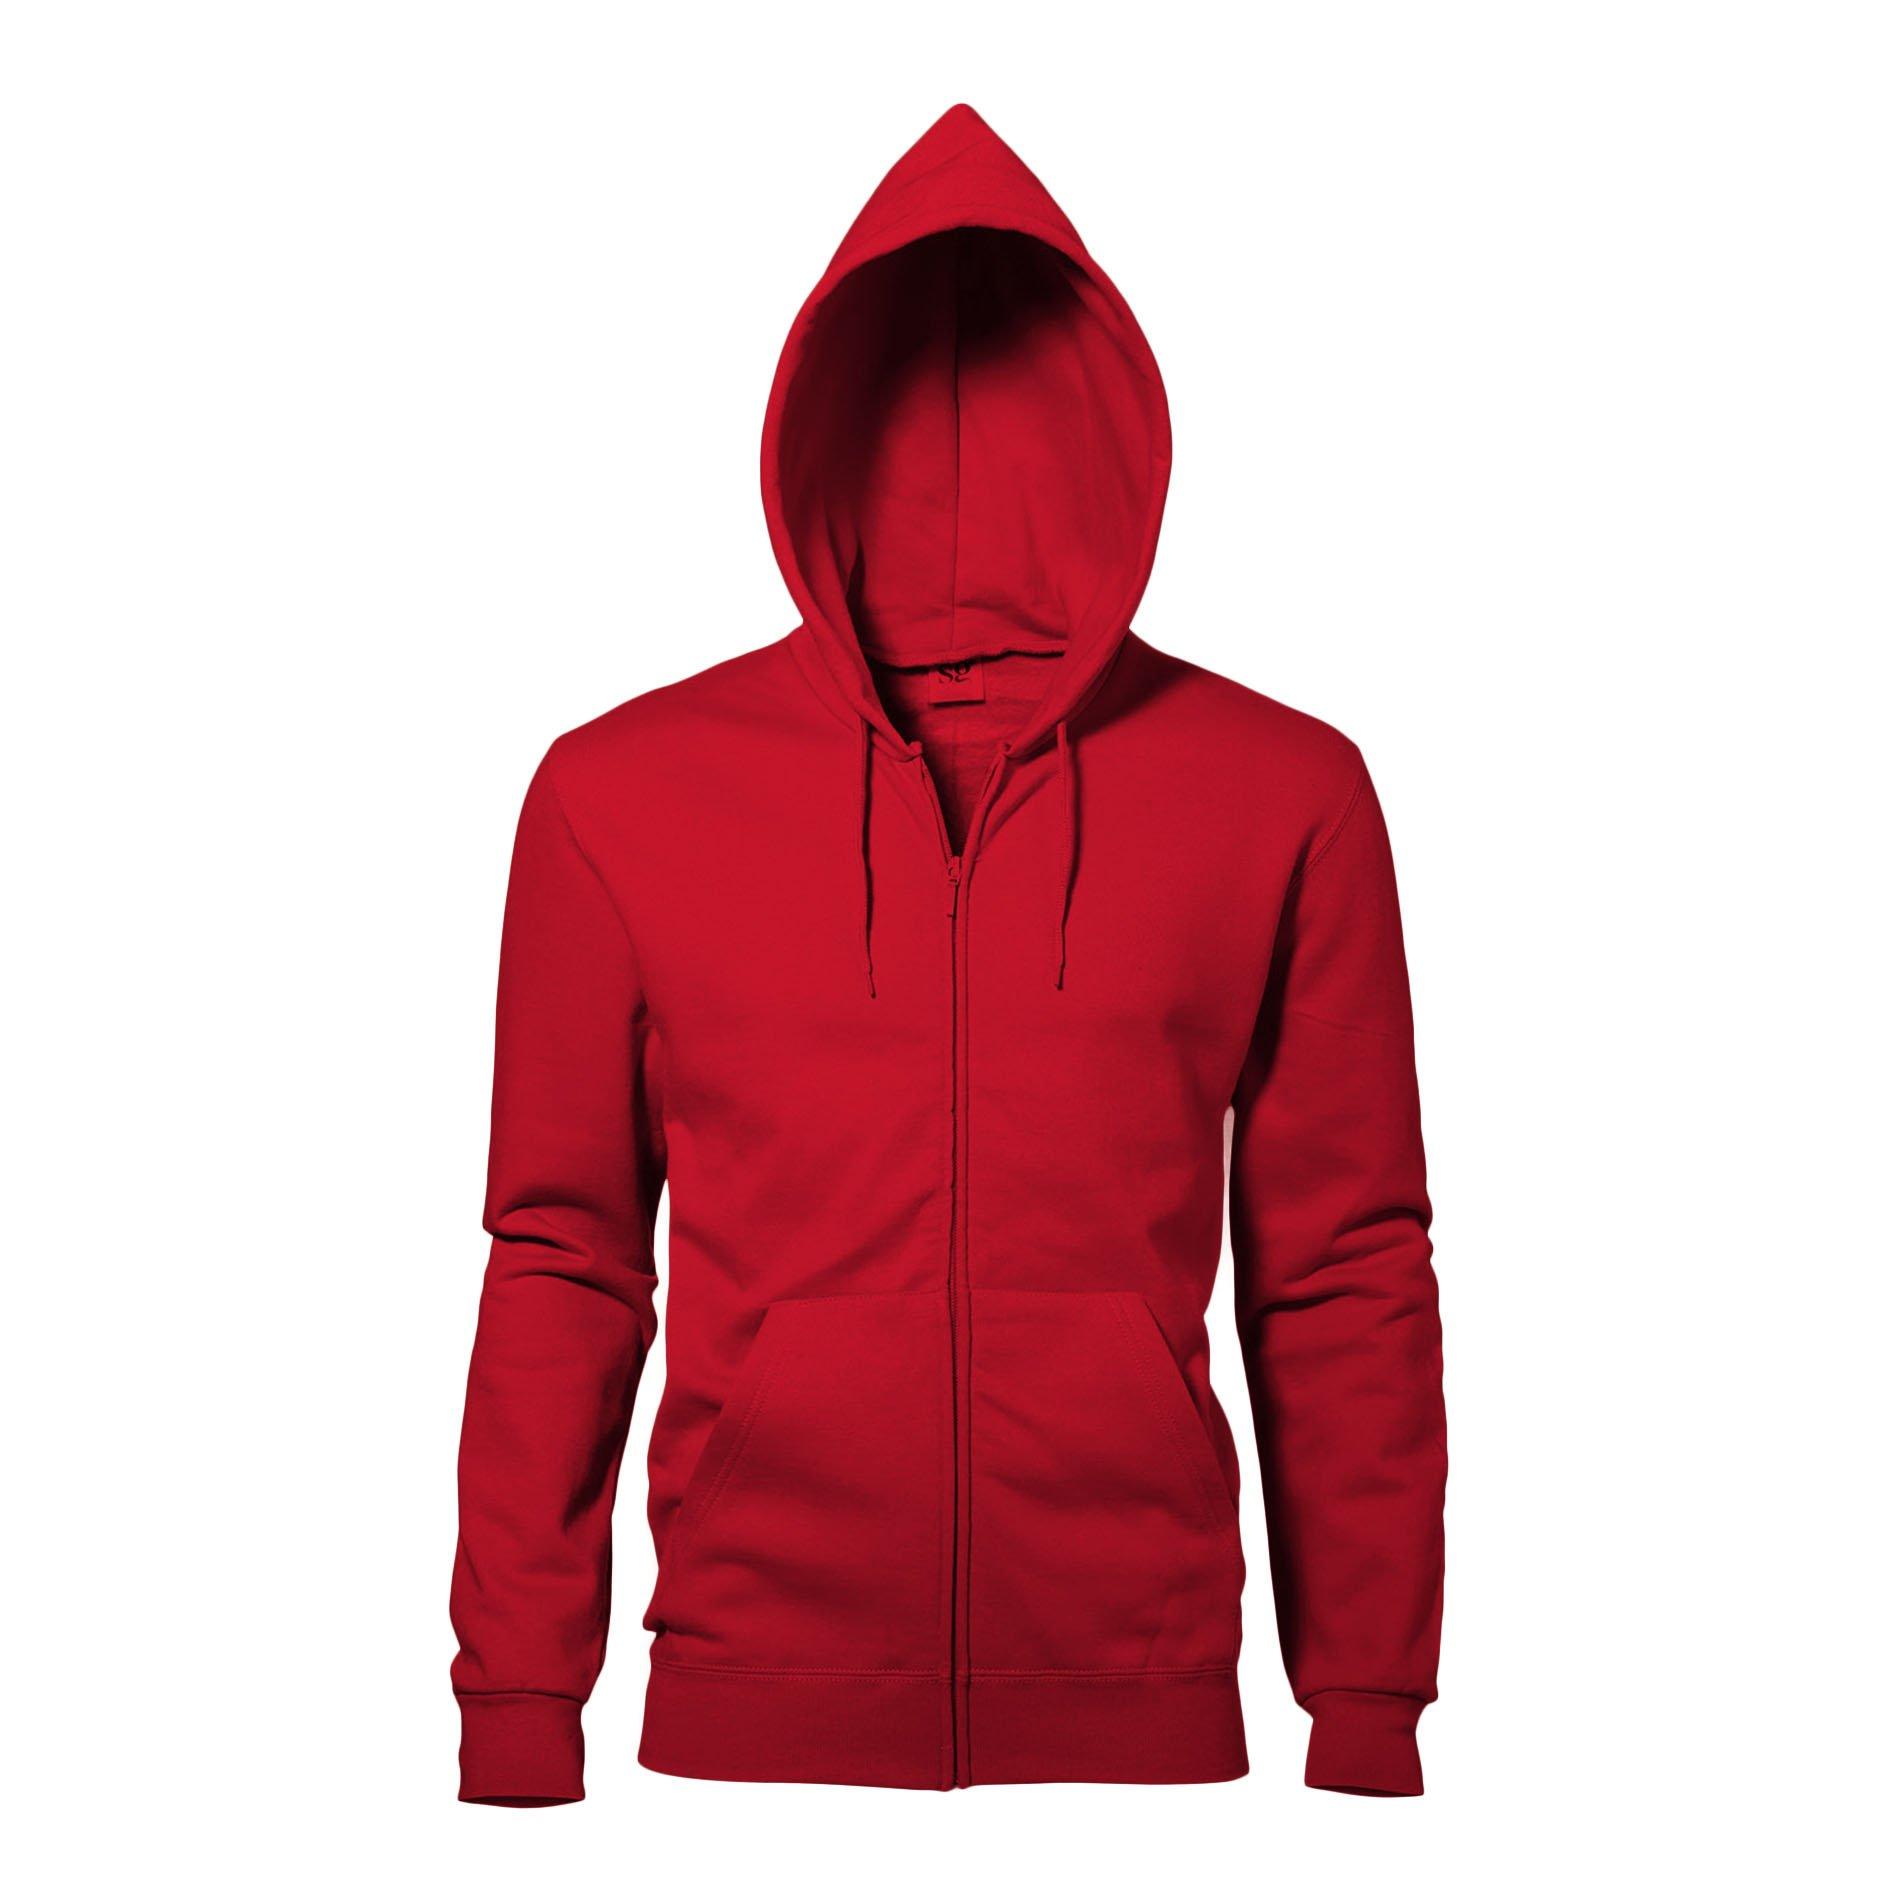 Sg Fashion: SG Clothing Full Zip SG29 - SG29F - SG29K Hoodie